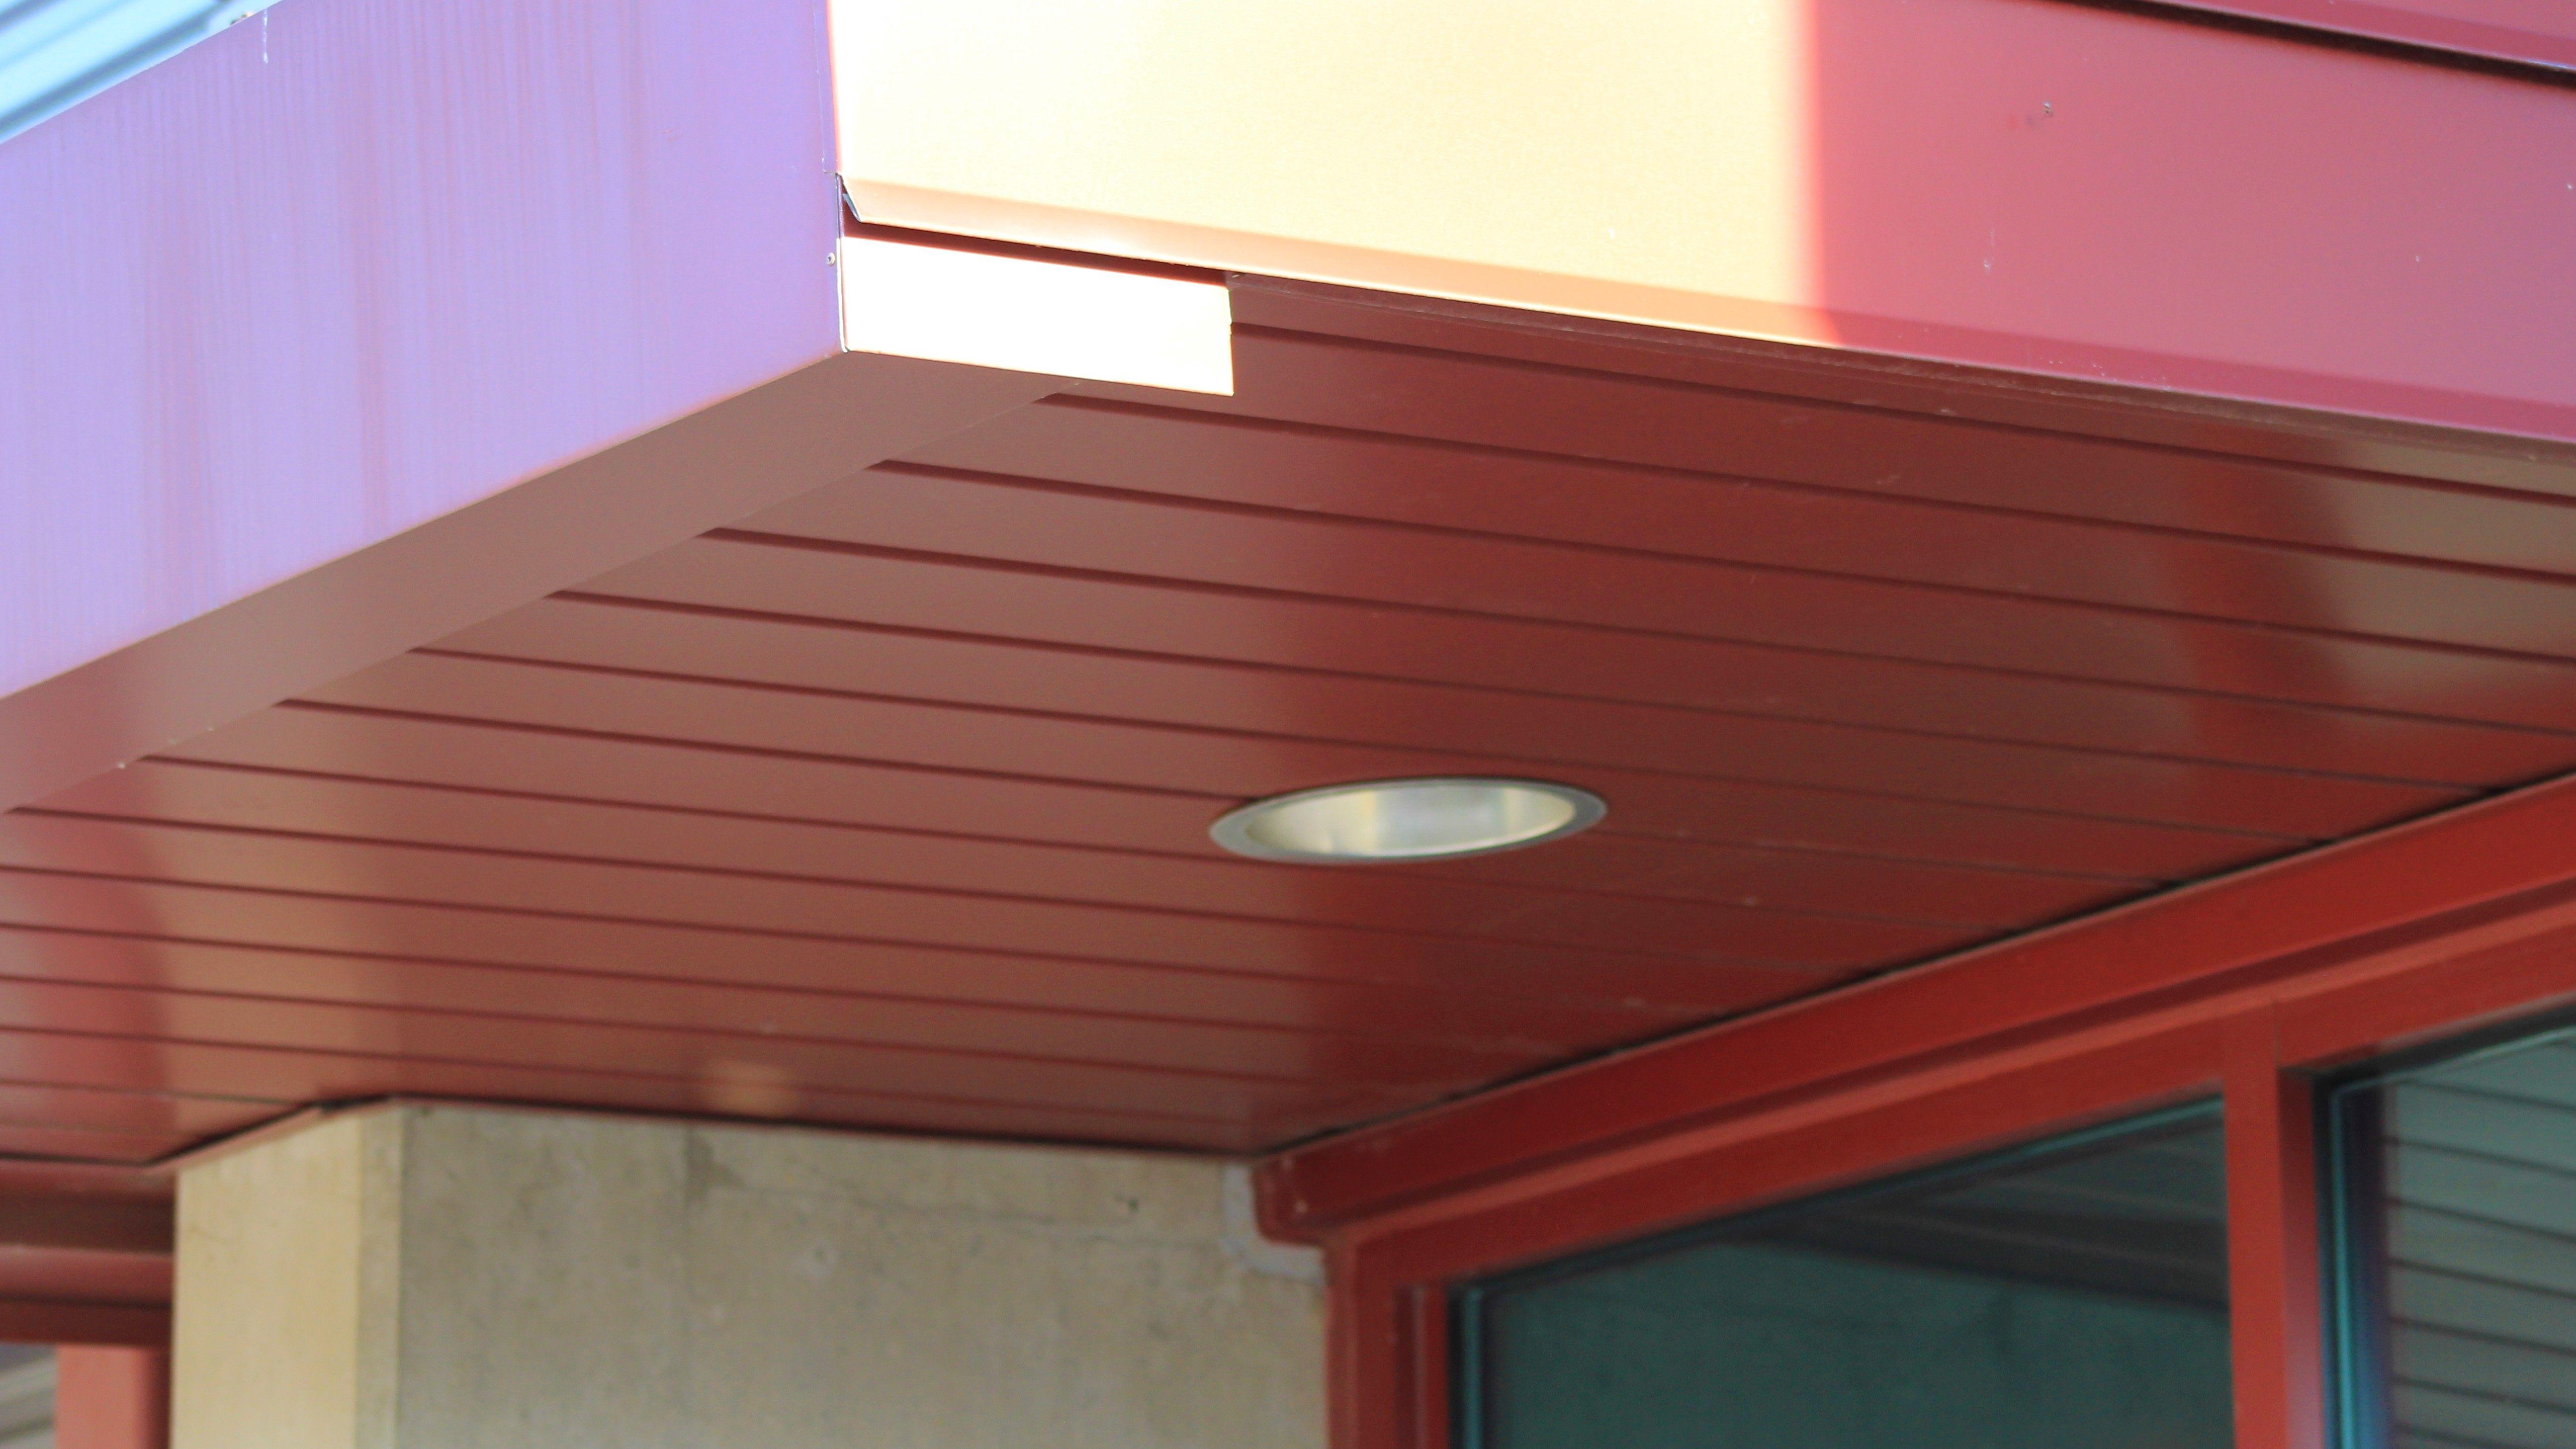 v groove soffit vs05 metal soffit concealed fastened dimensional